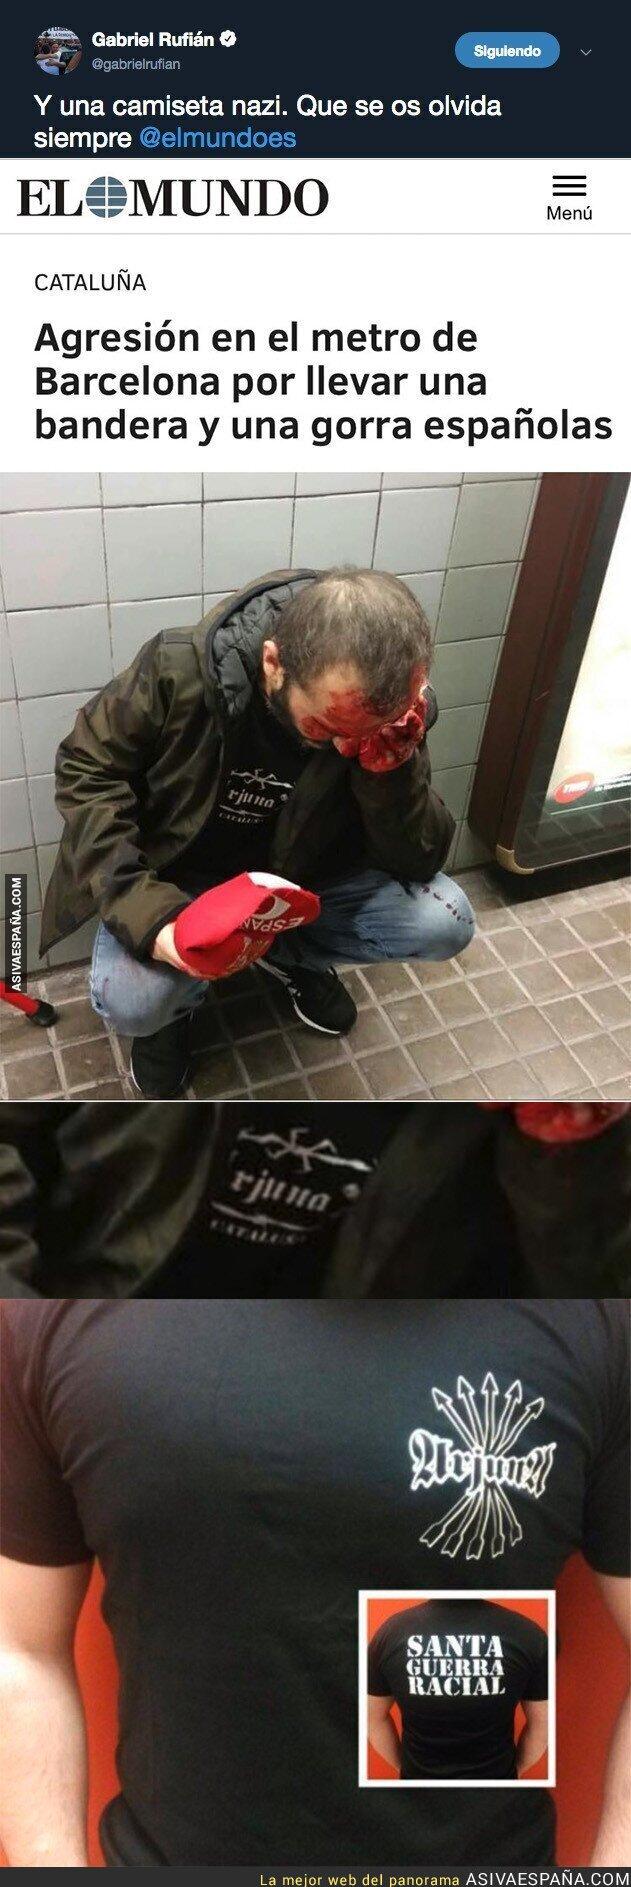 97786 - Esta es la camiseta que tiene el agredido en el metro de Barcelona y que los medios españoles no te enseñan